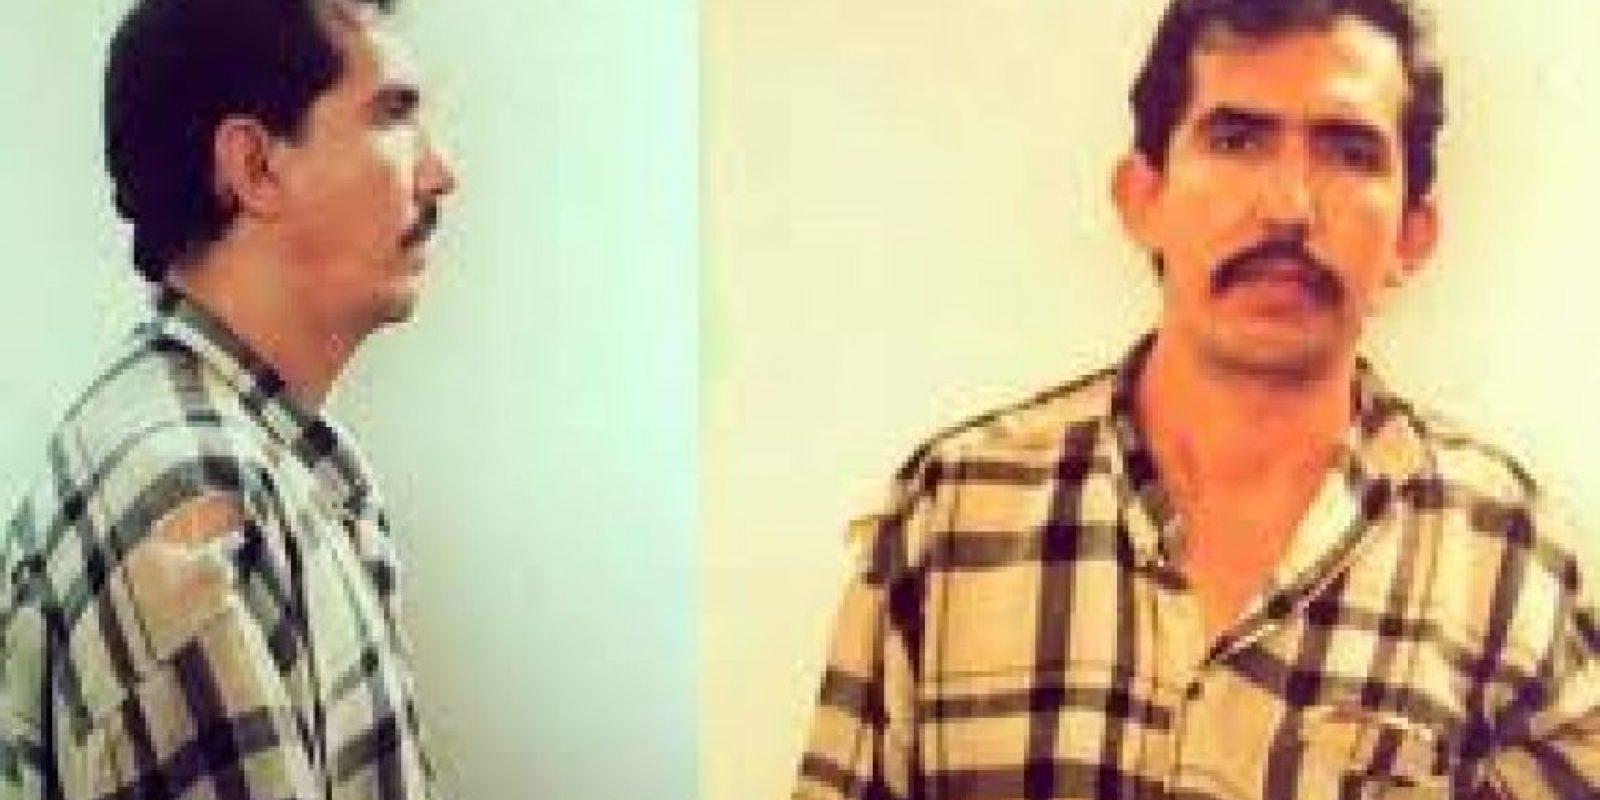 Luis Alfredo Garavito Cubillos, conocido como La Bestia, es probablemente el más grande asesino en serie de niños de la humanidad. Fue declarado culpable del homicidio de por lo menos 172 crímenes cometidos contra menores entre los años 1992 y 1998. Foto:www.ecos1360.com –